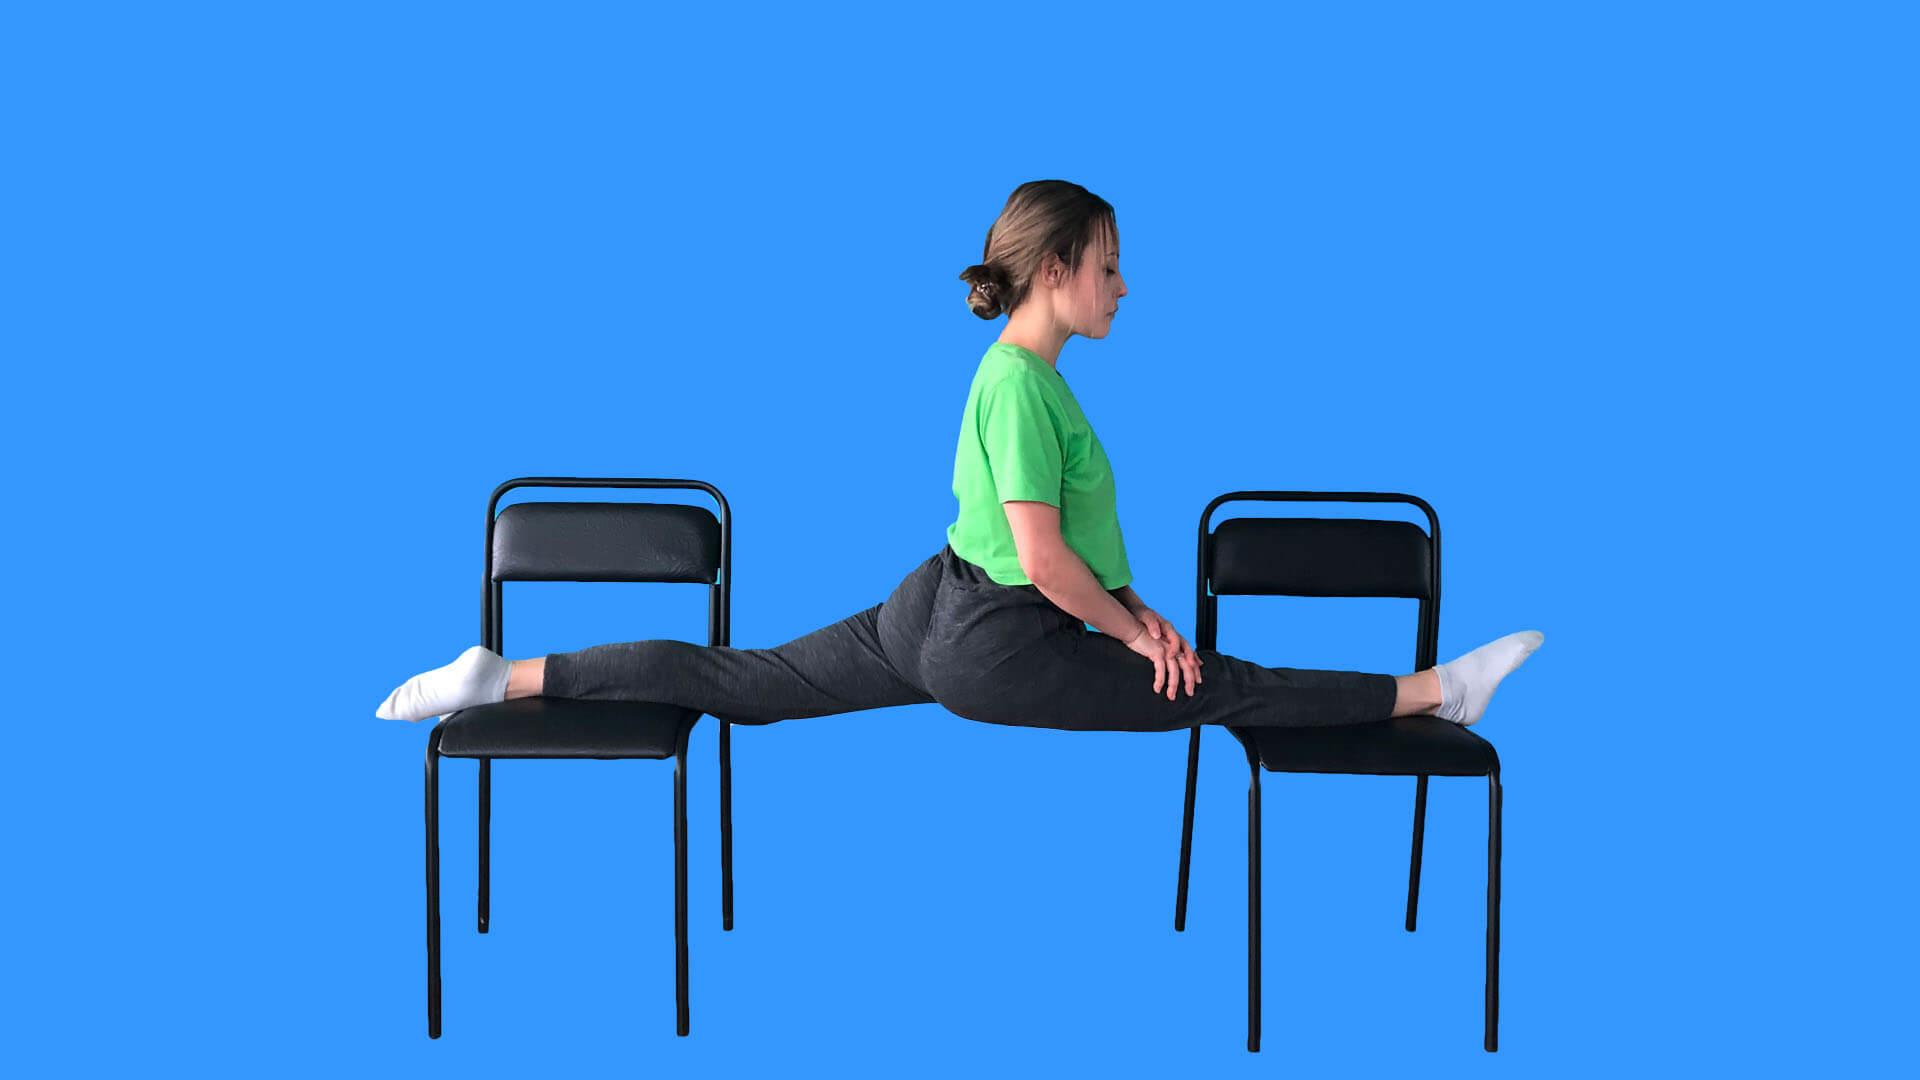 Шпагат на стульях: фото.